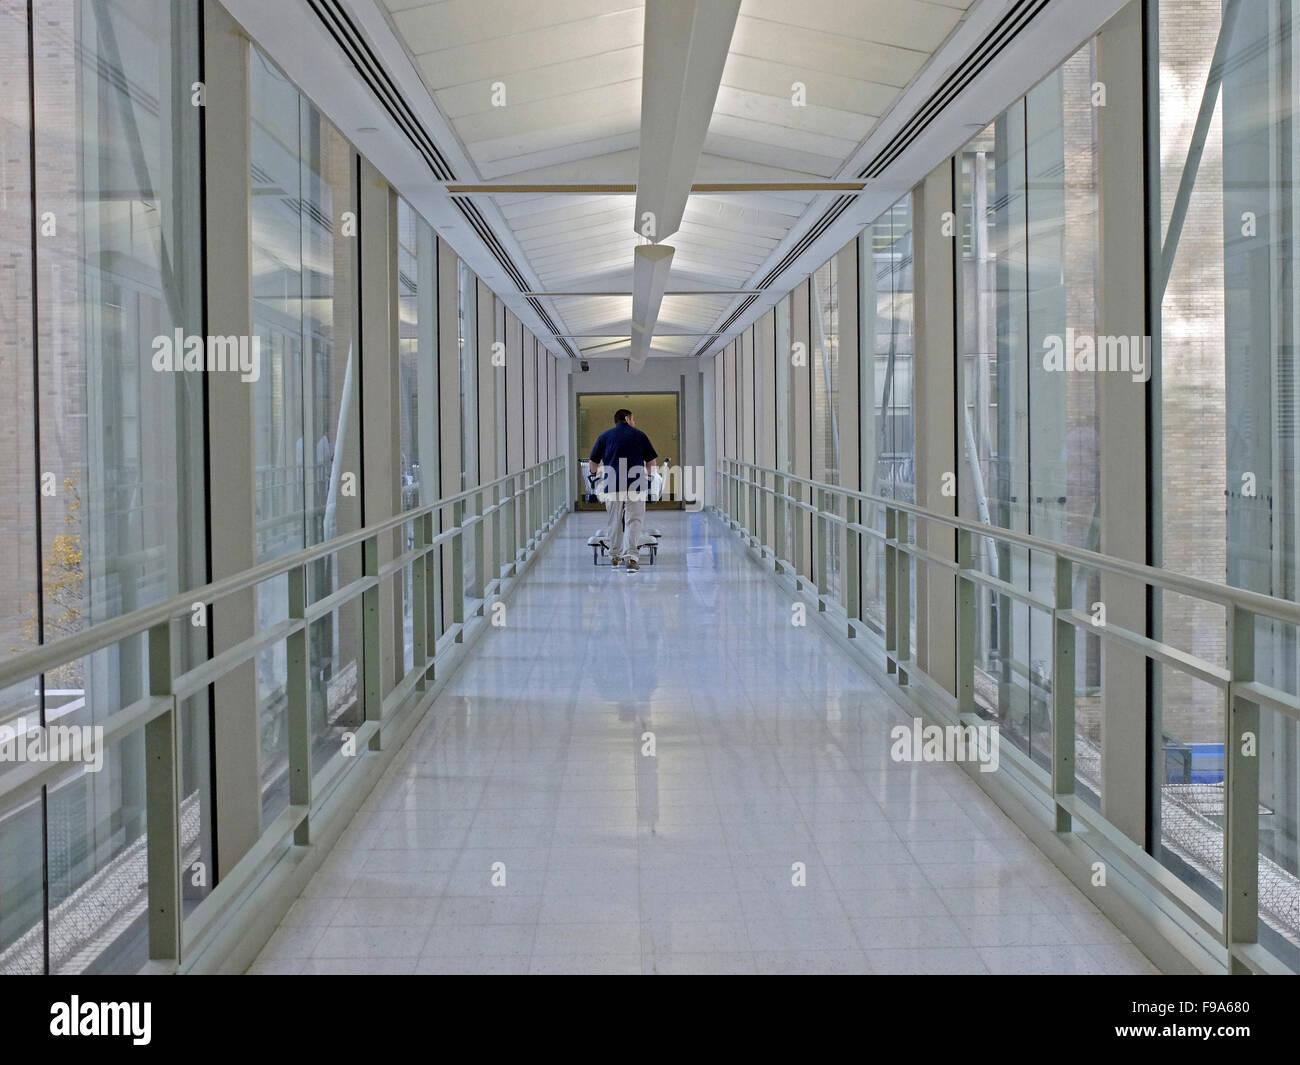 Mount Sinai Hospital Stock Photos & Mount Sinai Hospital